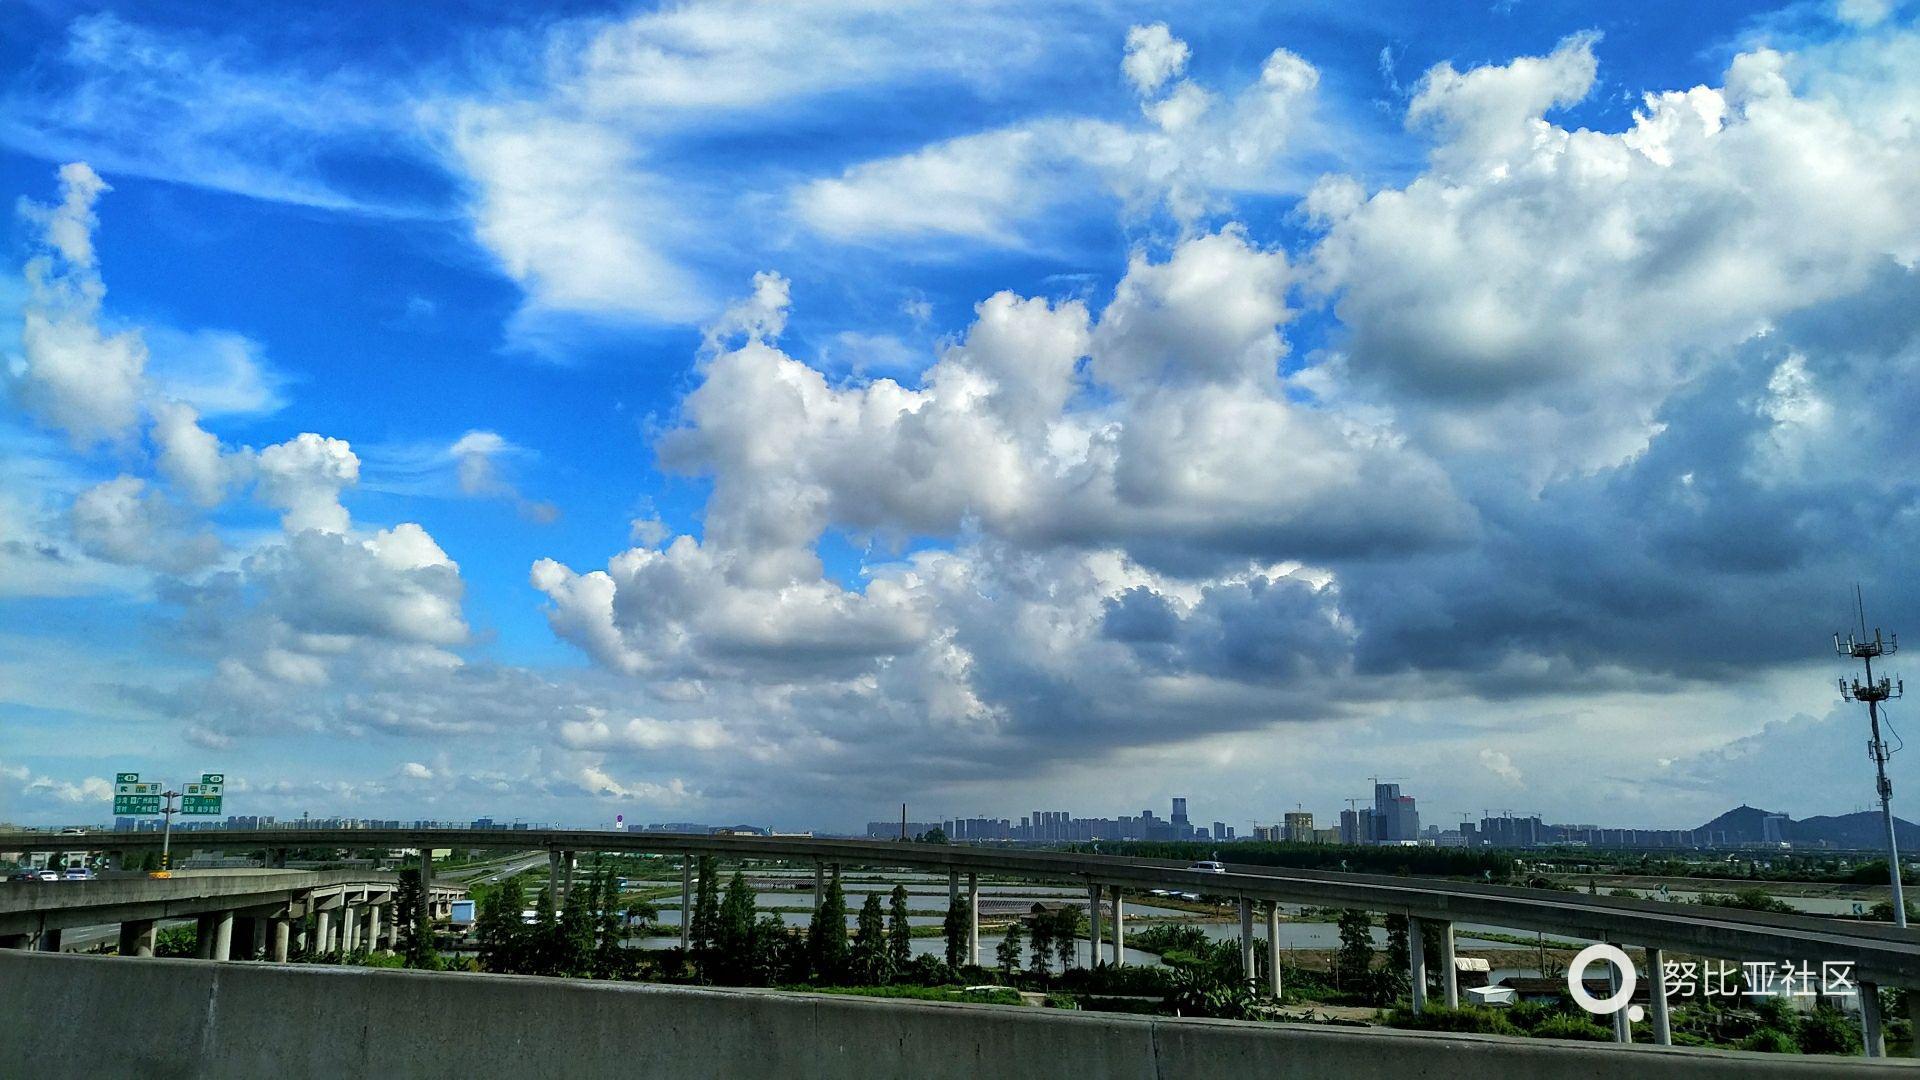 窗外的风景